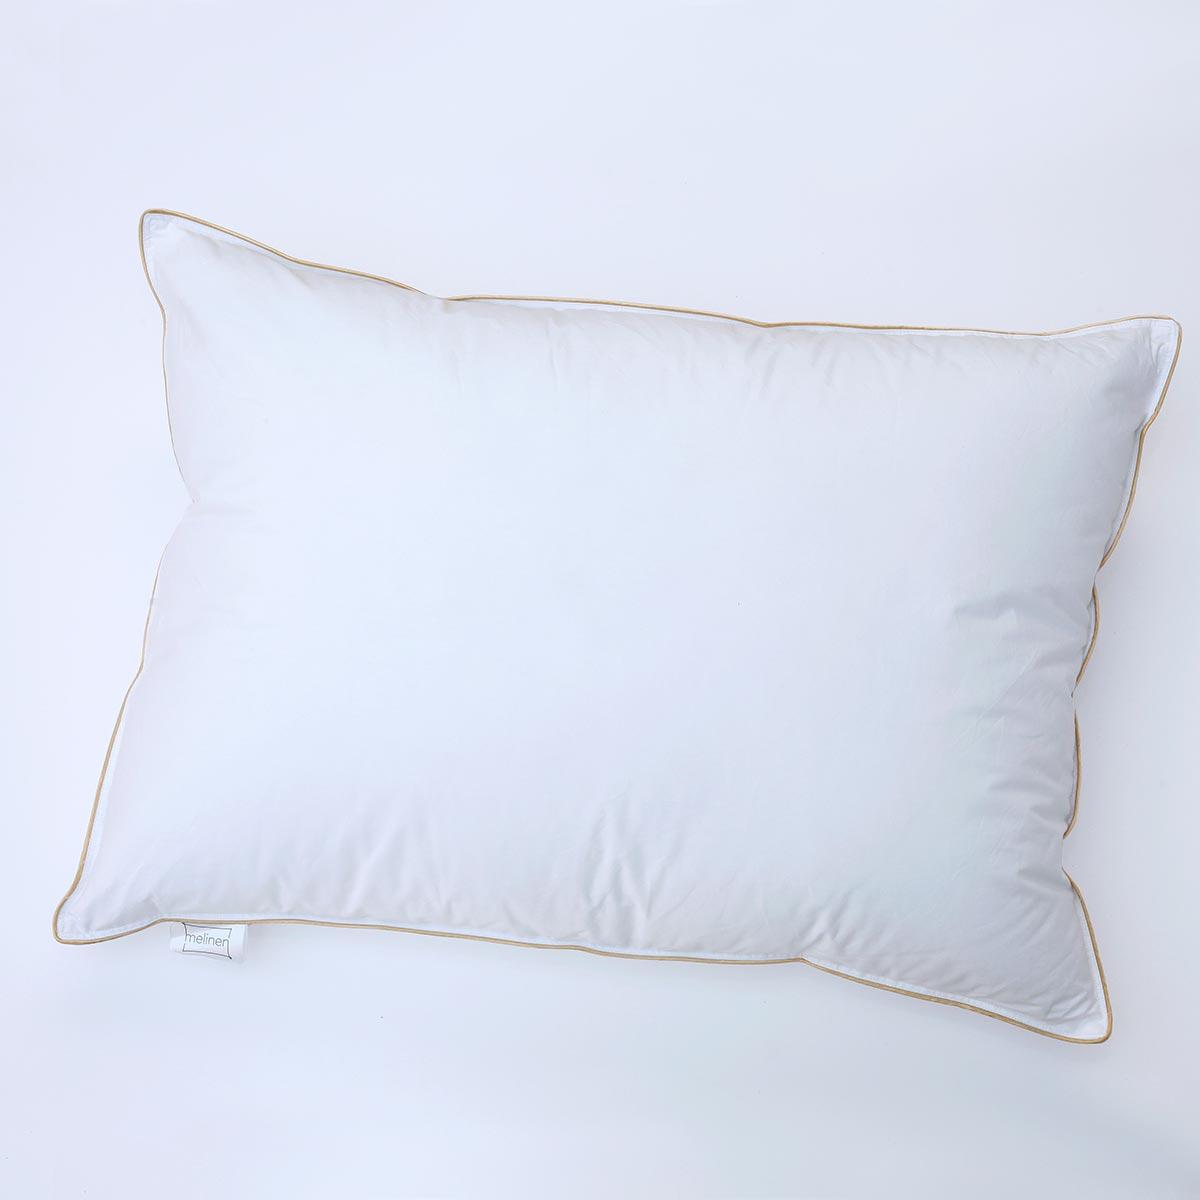 Μαξιλάρι Ύπνου Πουπουλένιο Melinen 2 Θαλάμων